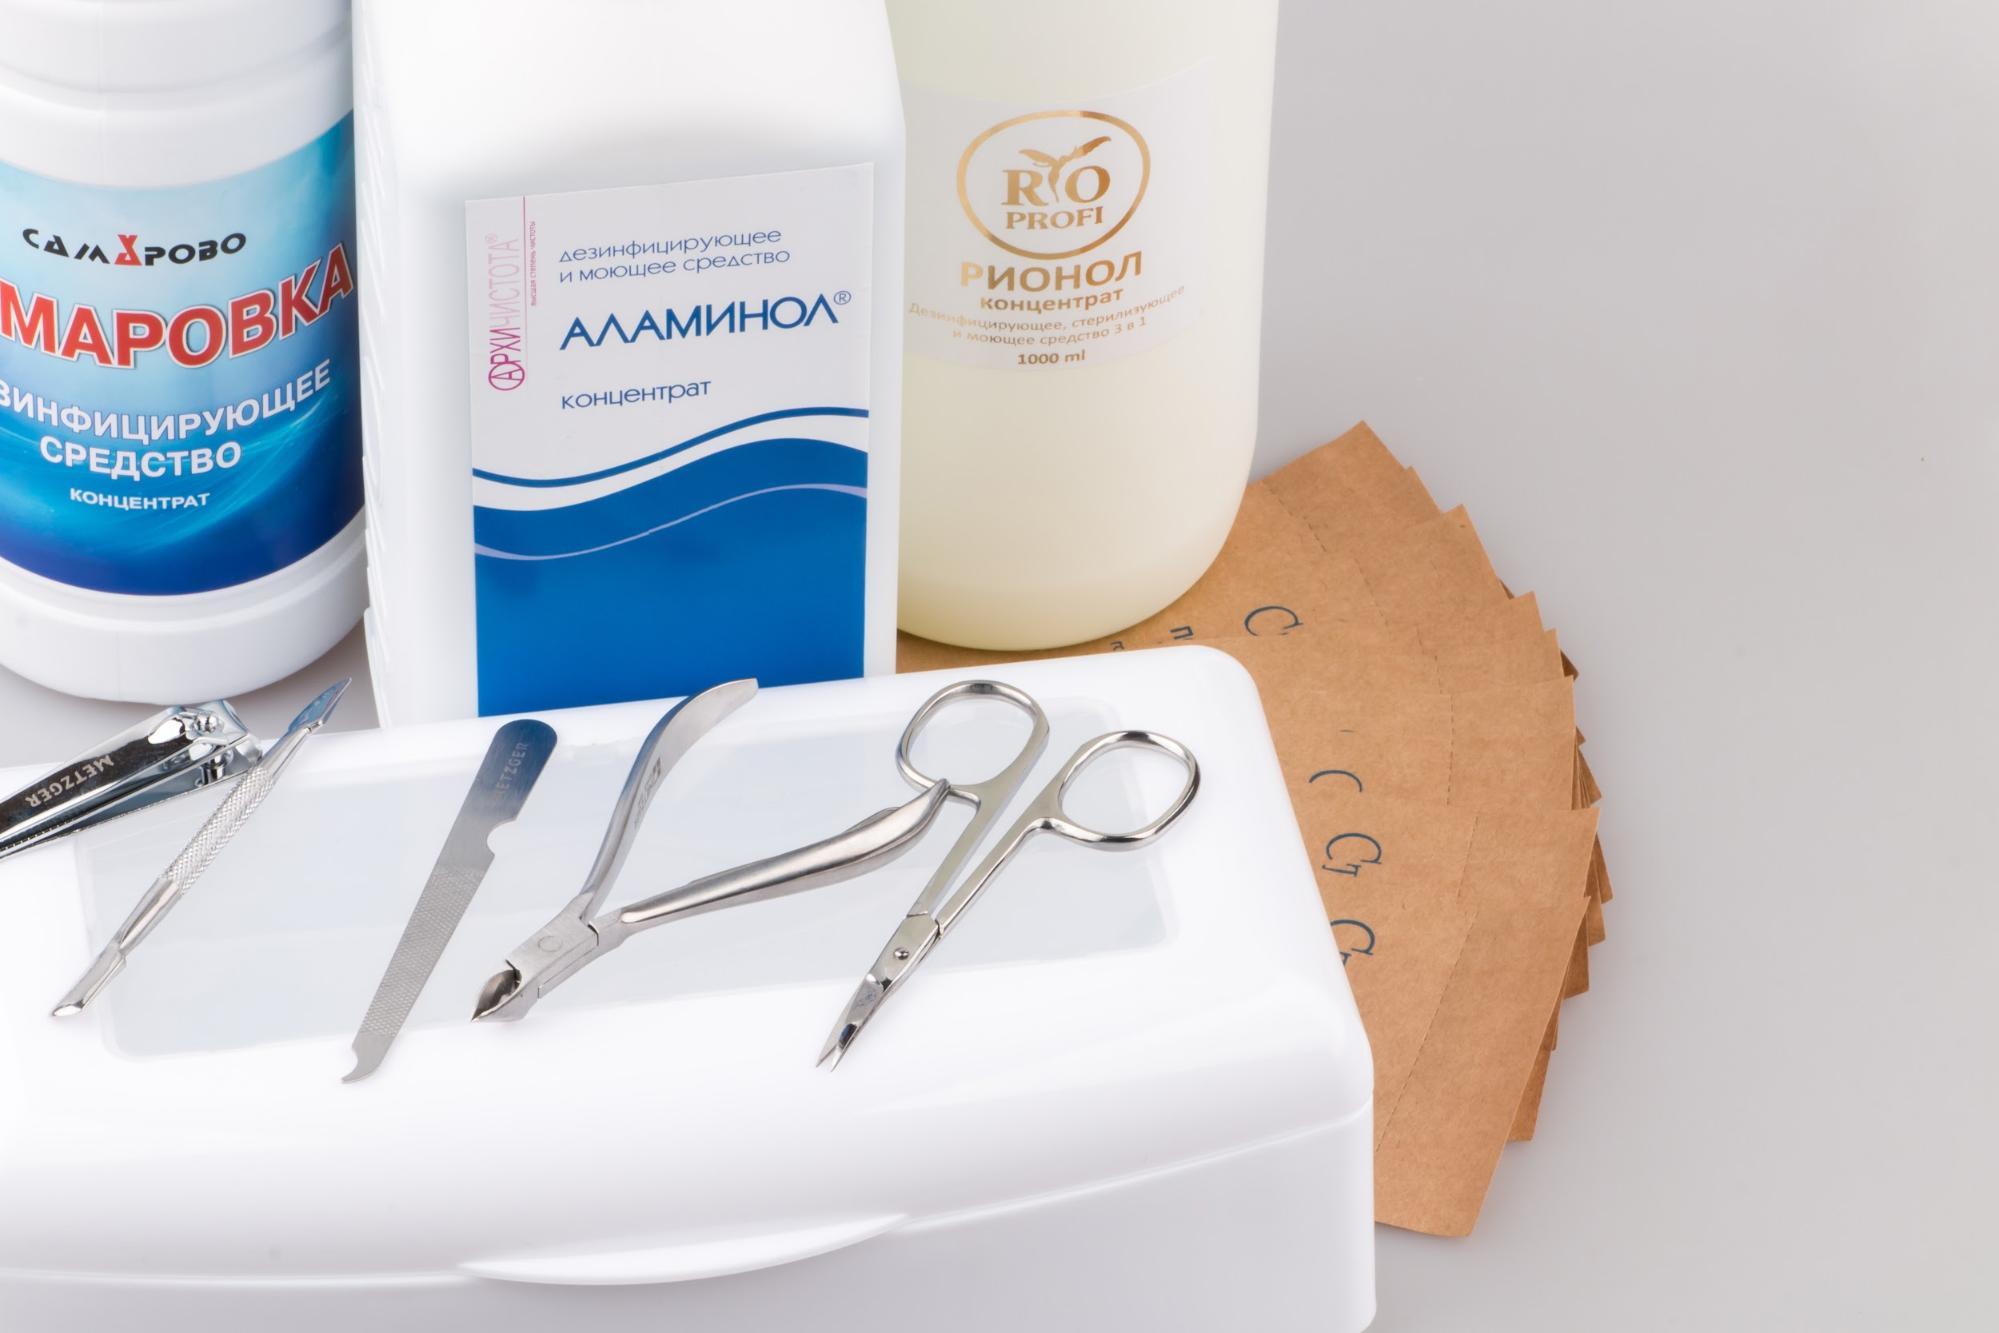 Препараты для стерилизации оборудования